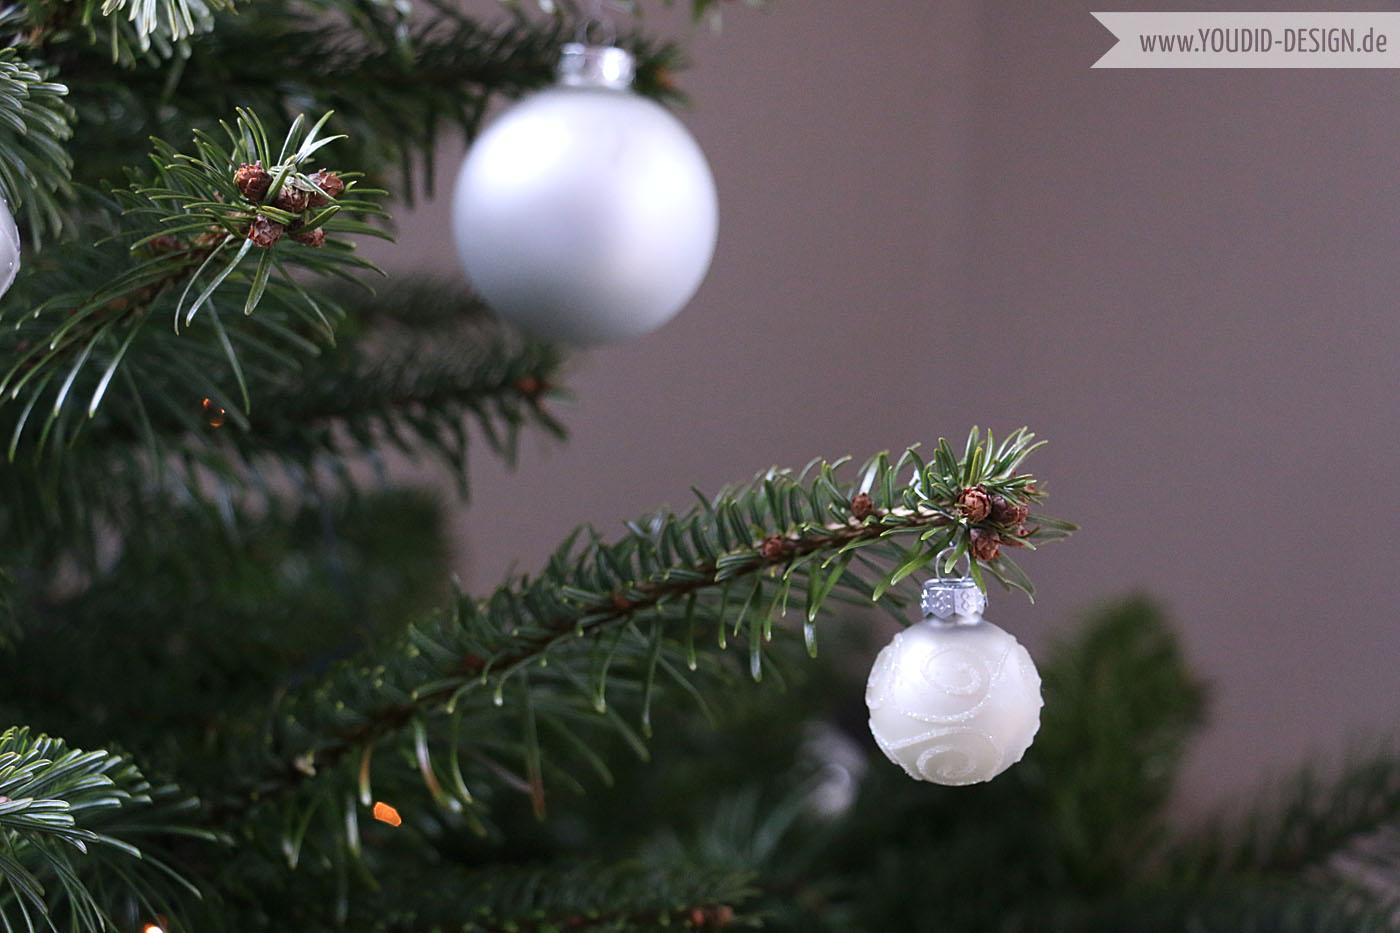 Weihnachtsbaum silber | www.youdid-design.de